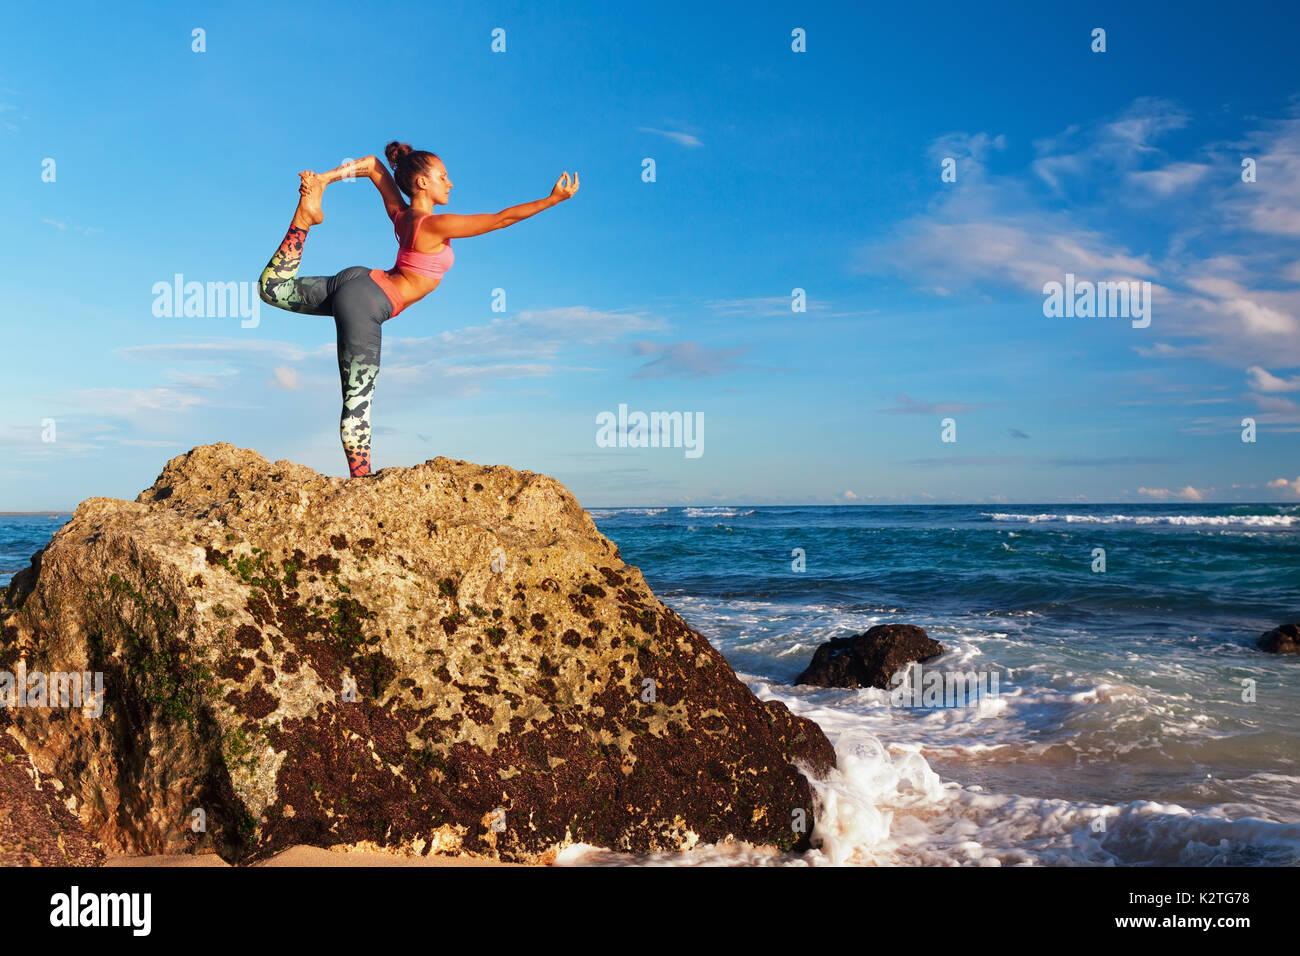 La meditazione sul Cielo di tramonto sullo sfondo. Giovane donna attiva stand yoga in posa sulla spiaggia rock per mantenere la forma e la salute. Uno stile di vita sano, fitness all'aperto. Immagini Stock